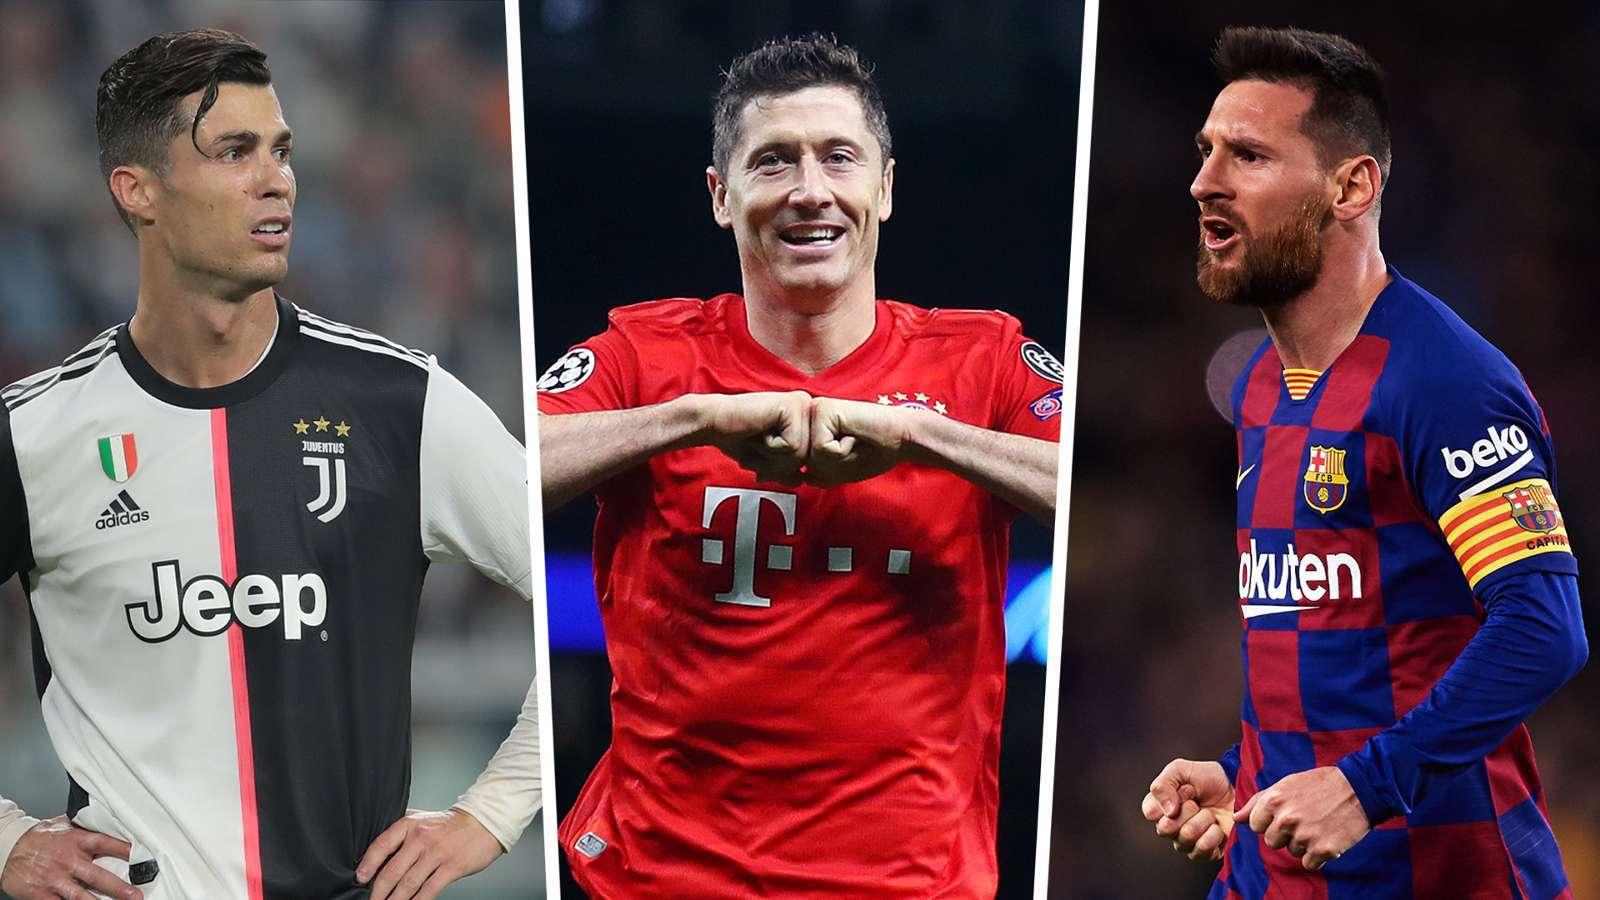 欧冠、欧洲杯关键战皆进球,若能帮忙德国夺冠,他将是金球奖热门_KU游官网